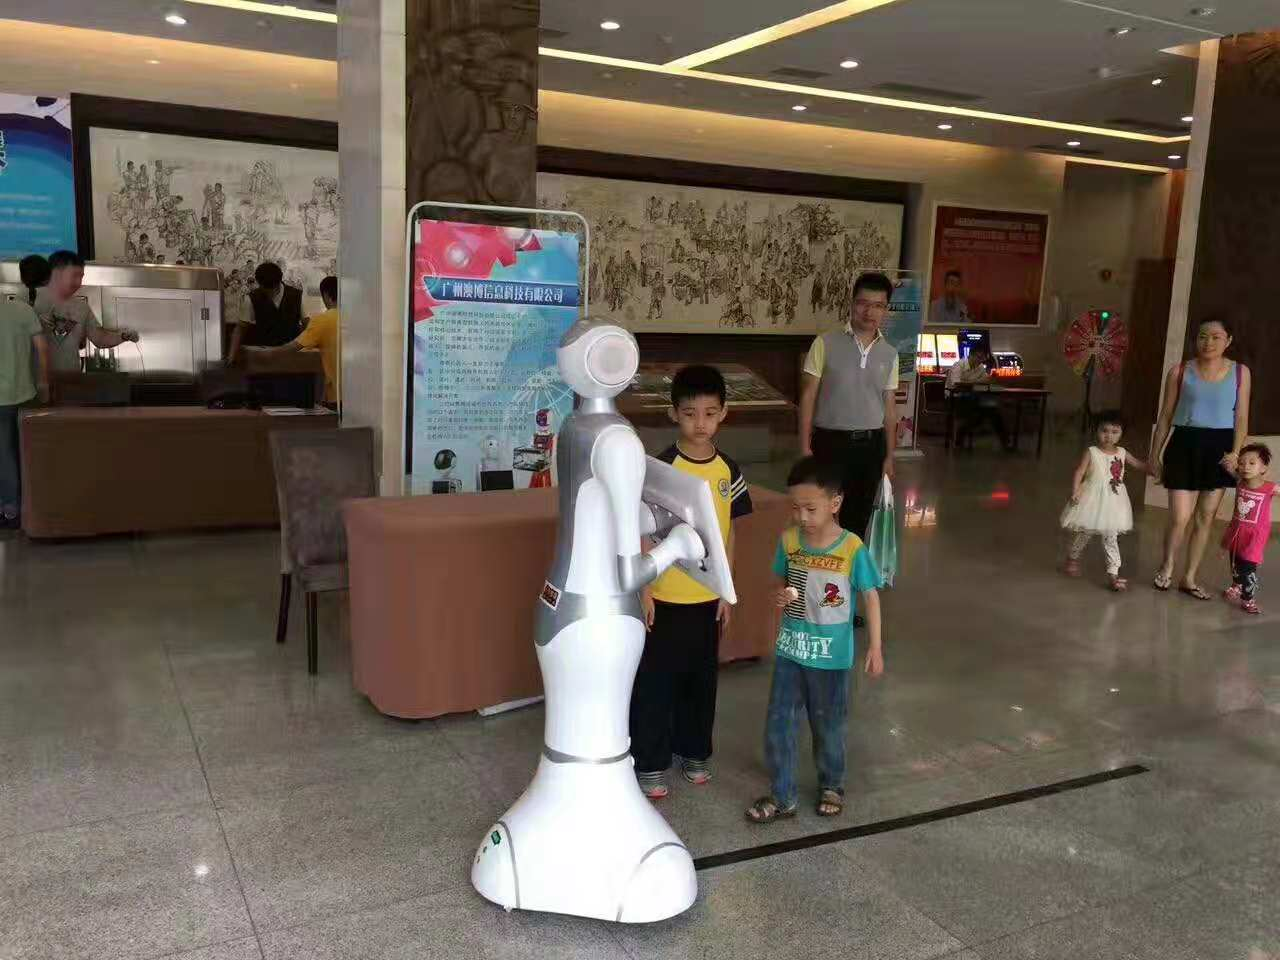 佩佩机器人国际创意园案例